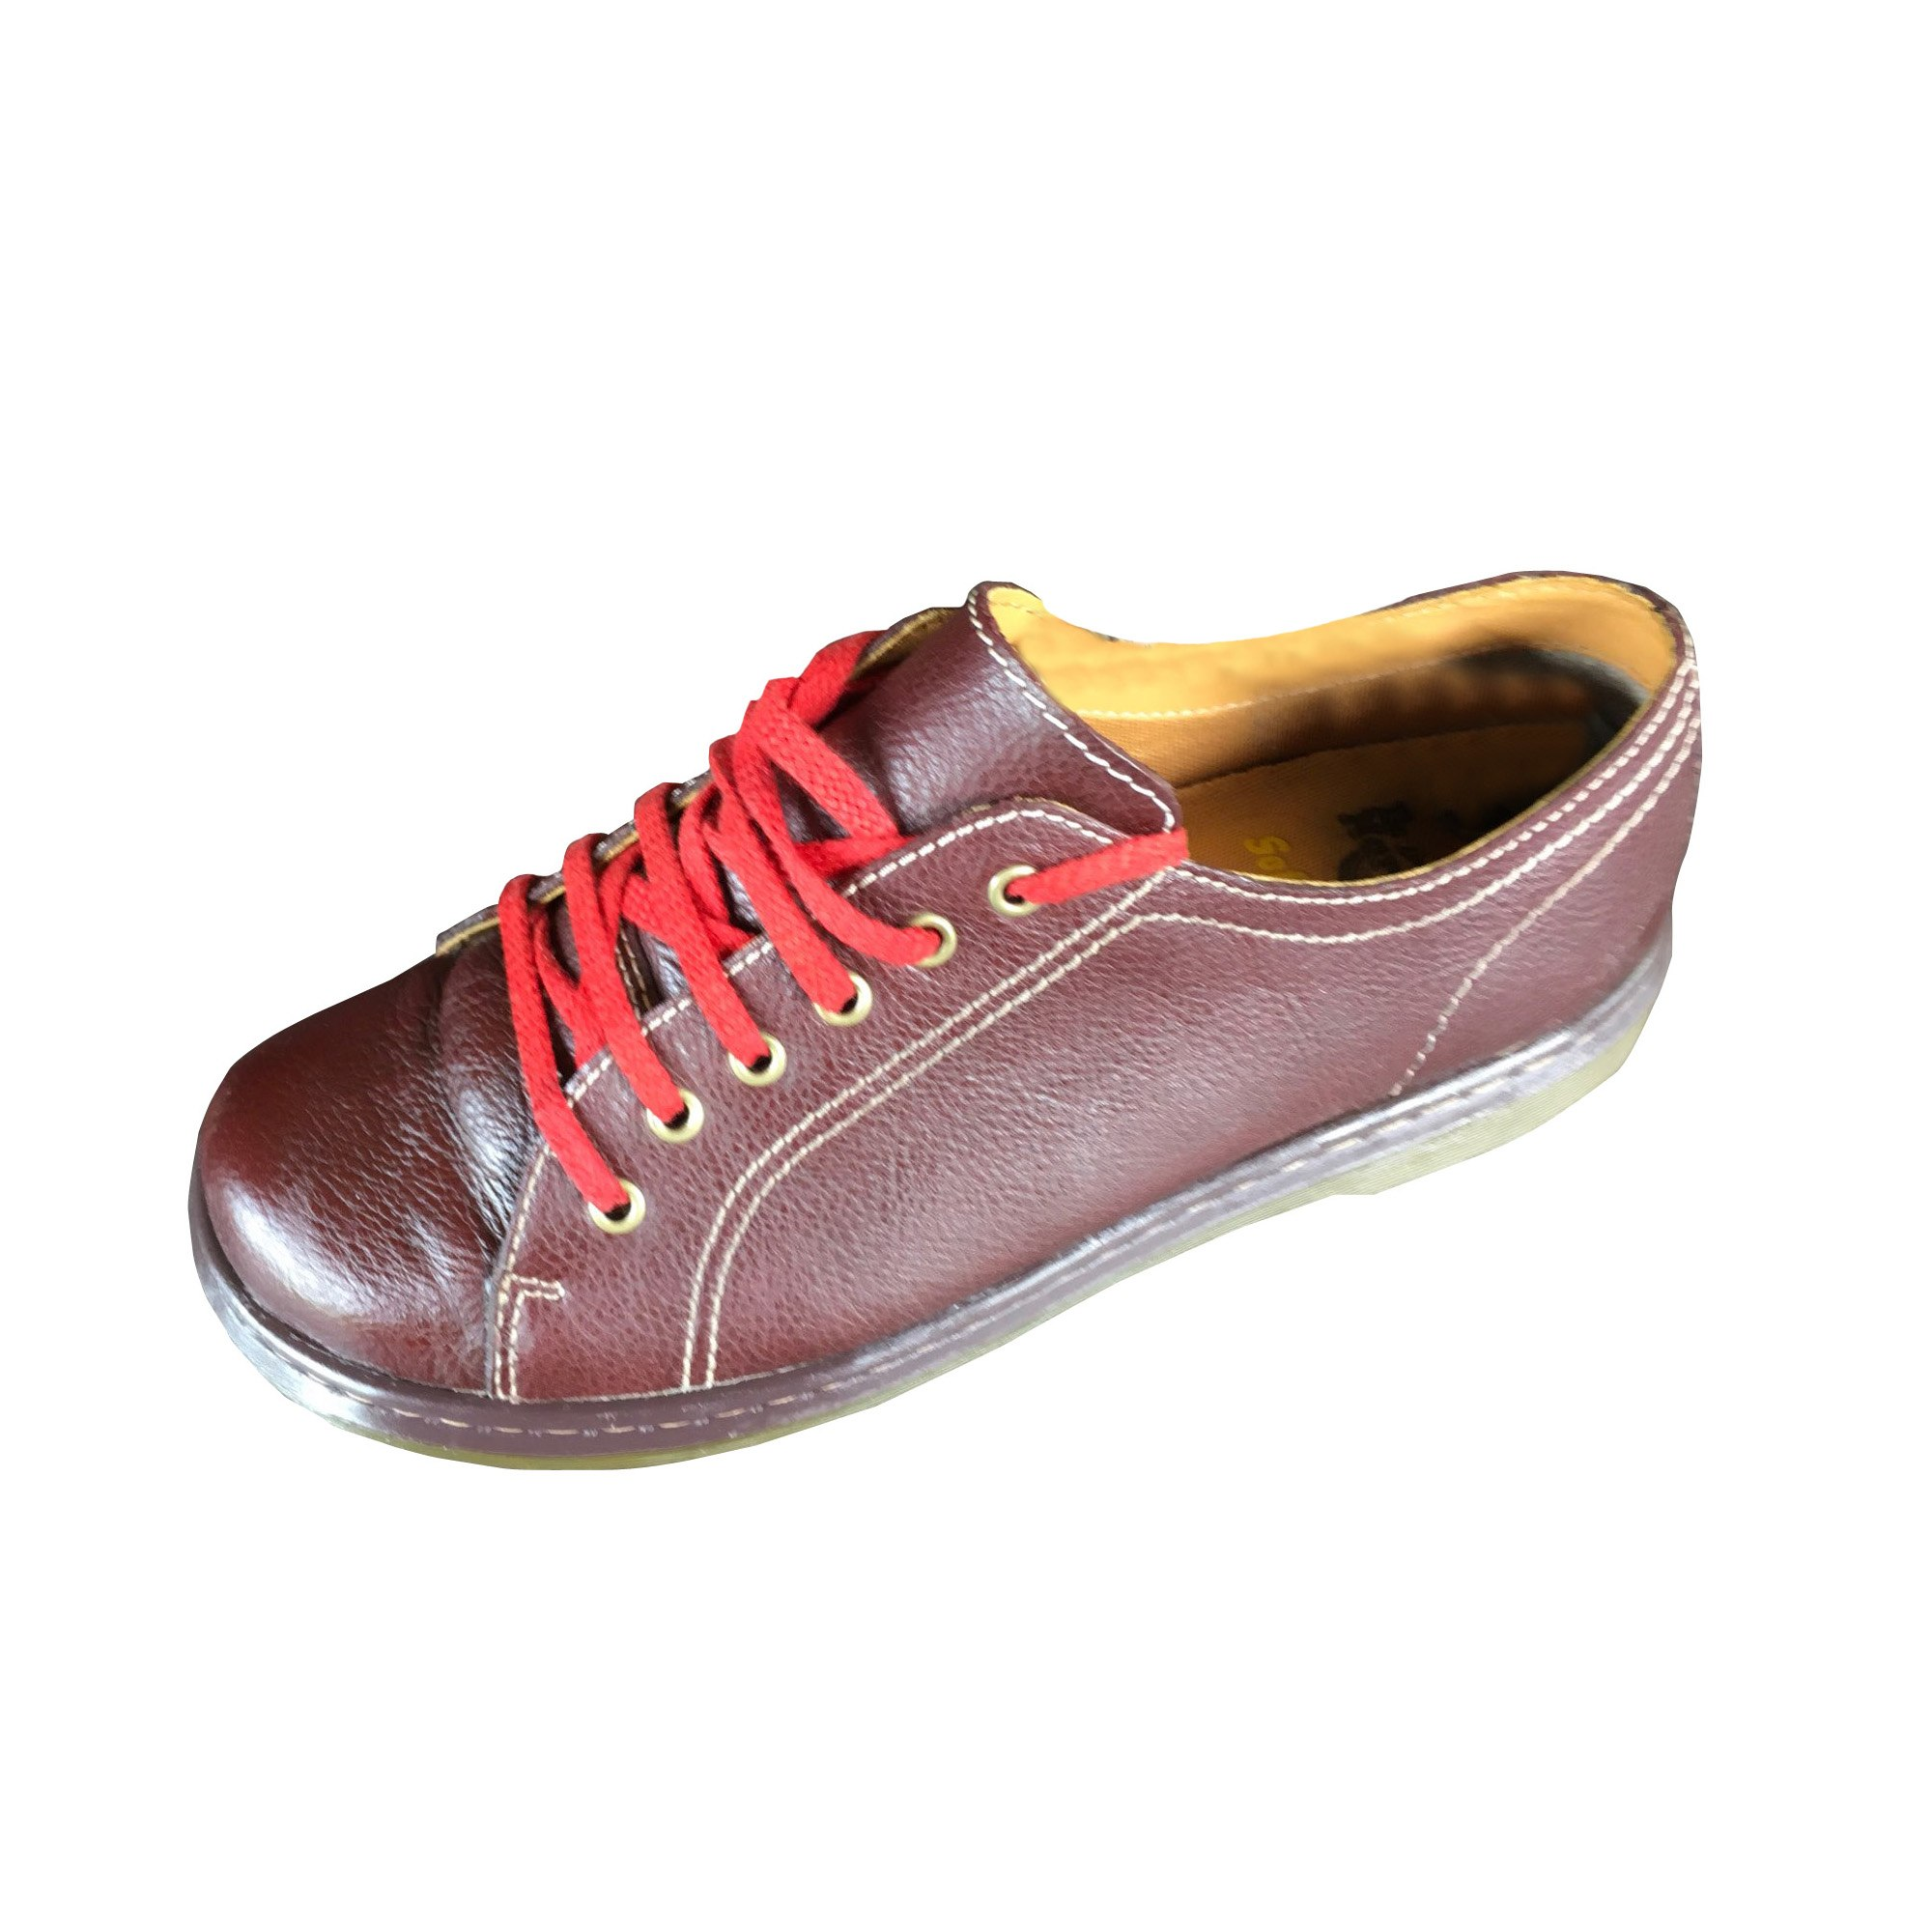 5de532d60c8 Chaussures à lacets DR. MARTENS 41 marron - 7646393